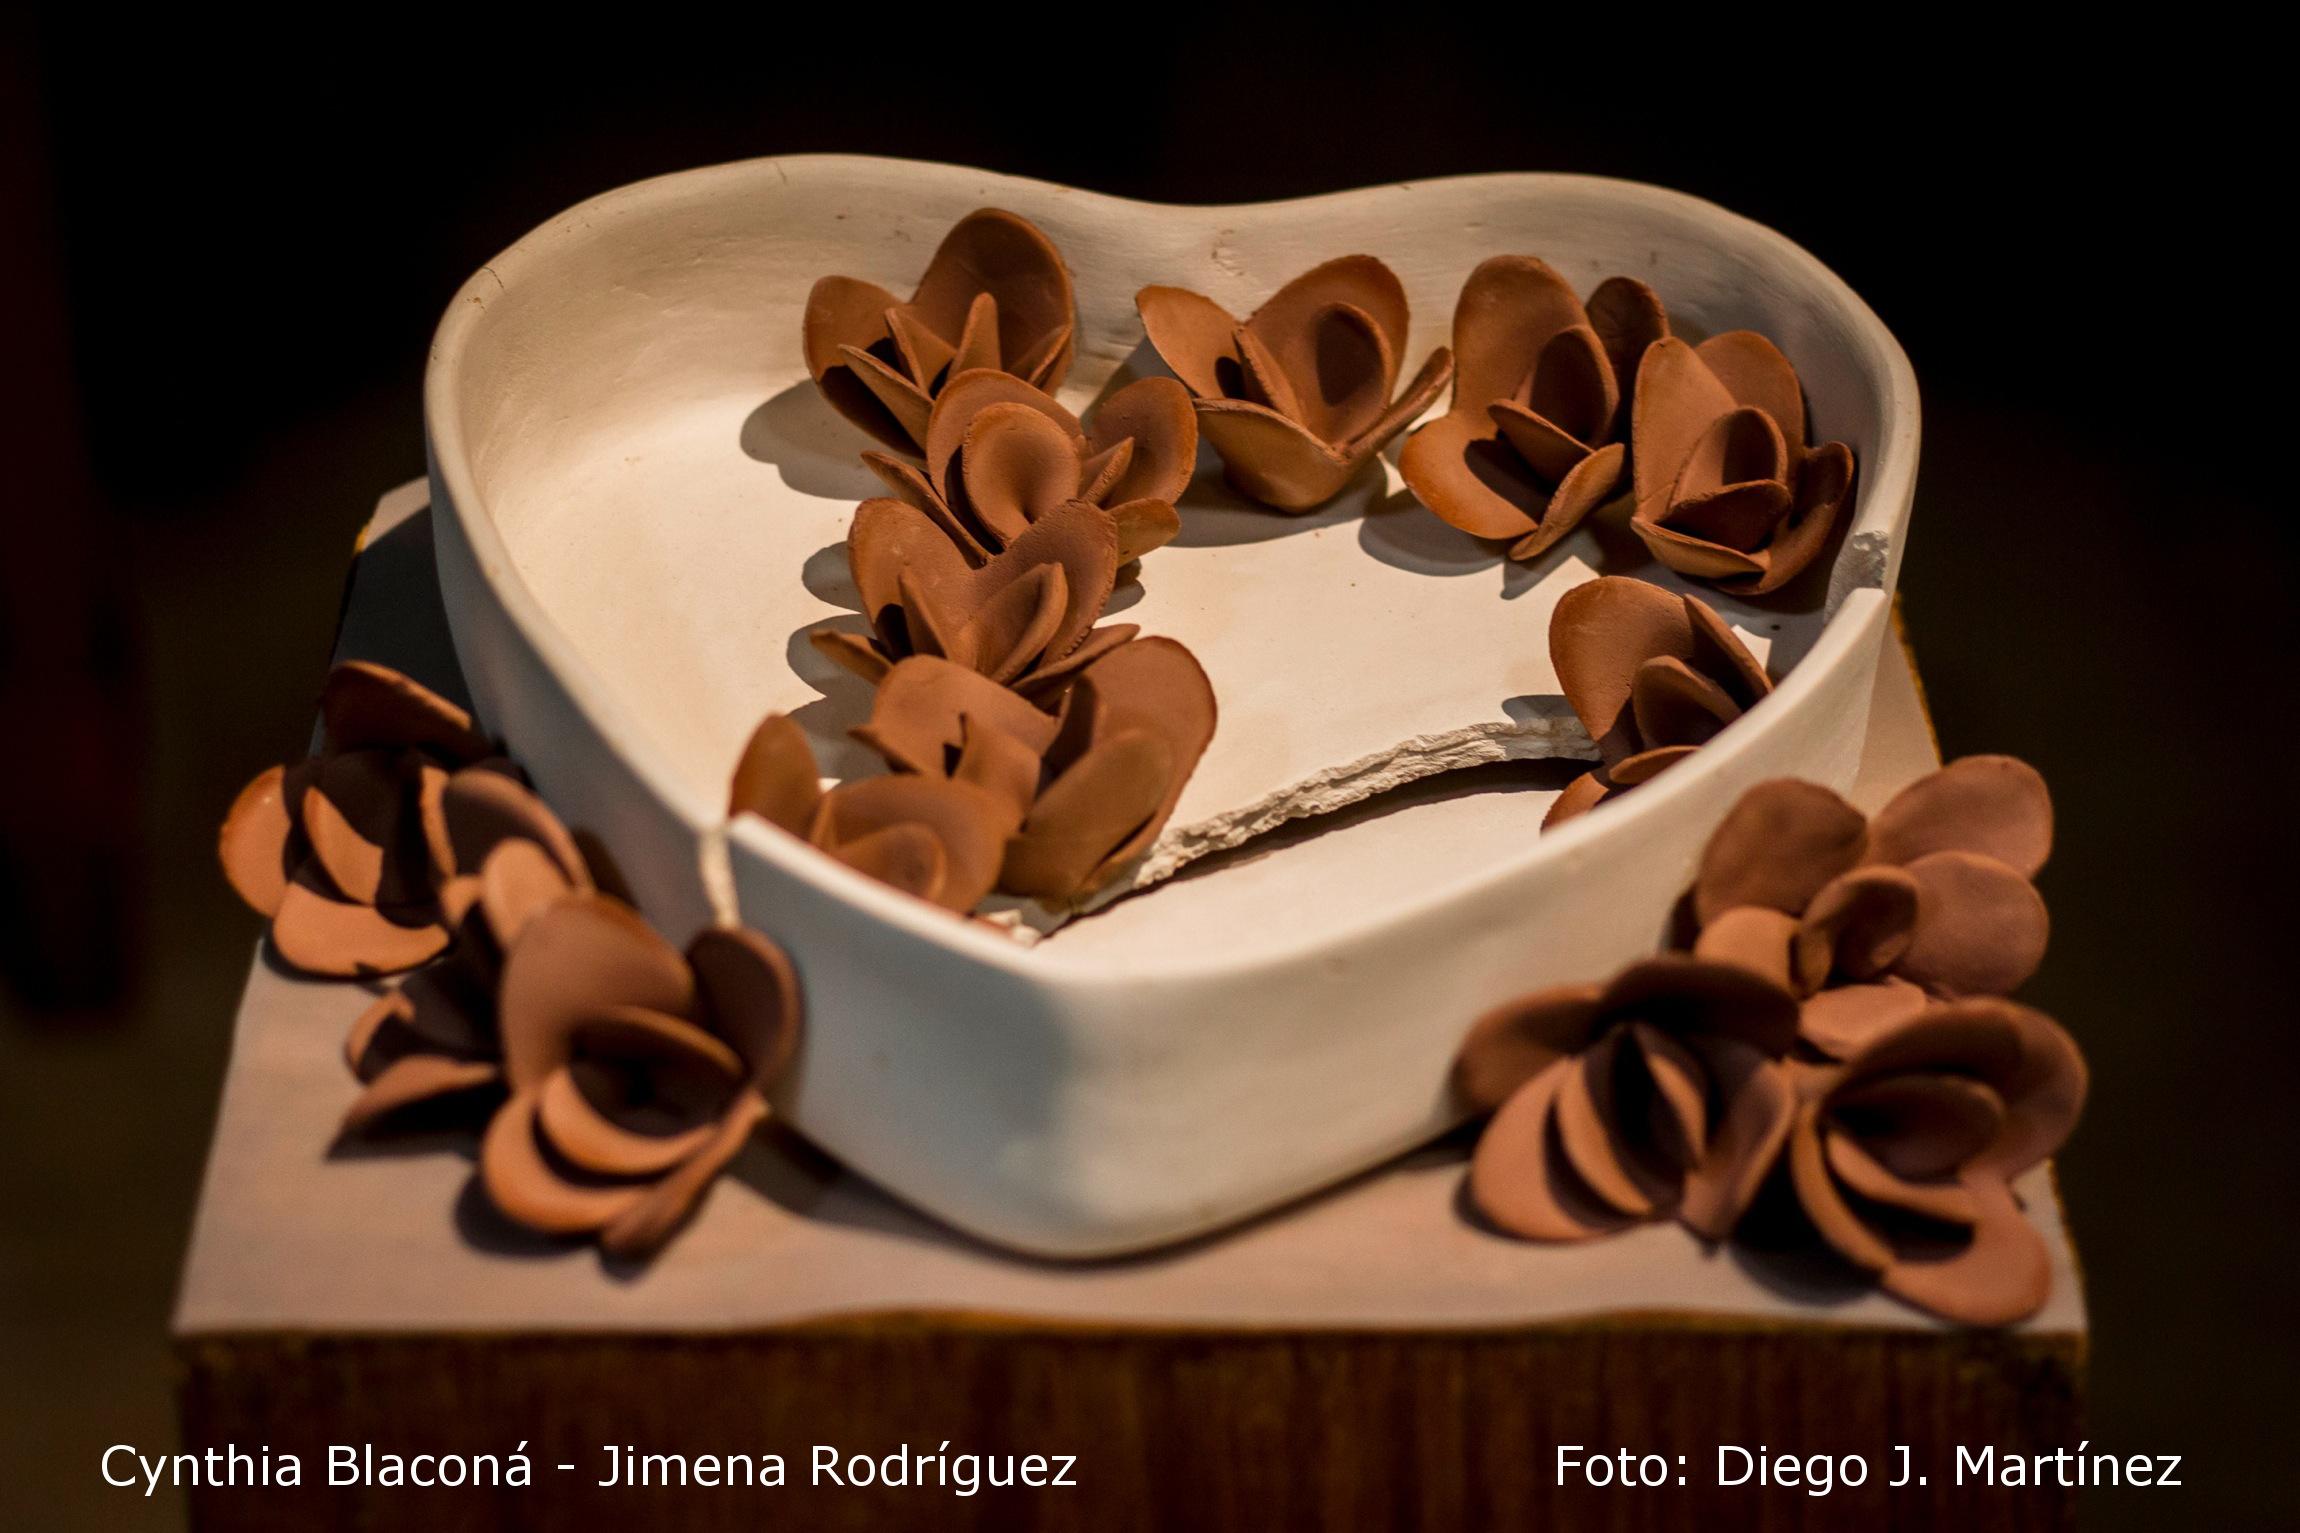 Lo que el 14 se llevó una noche de febrero. Cynthia Blaconá – Jimena Rodríguez (obra cerámica). (2015) - Cynthia Blacona